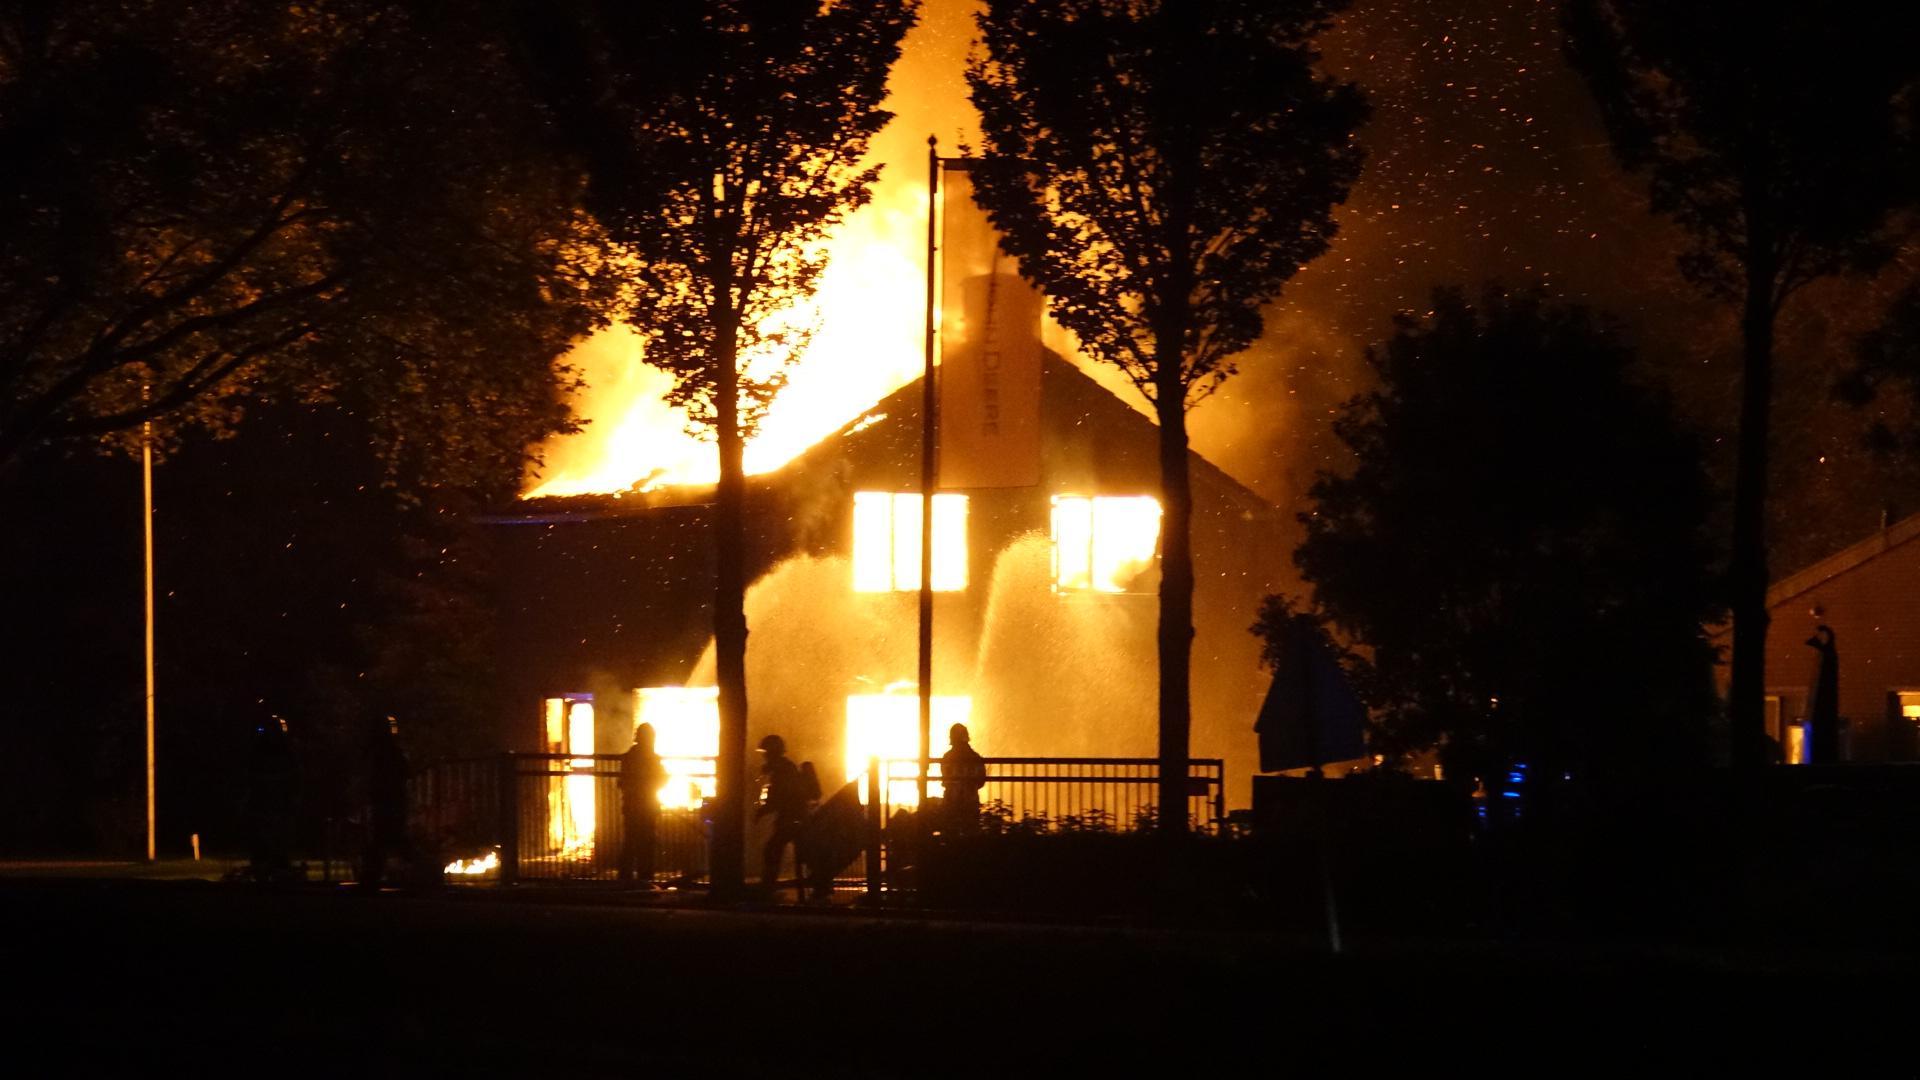 Woning in Venhuizen volledig verwoest door grote brand: bewoners op vakantie [video]